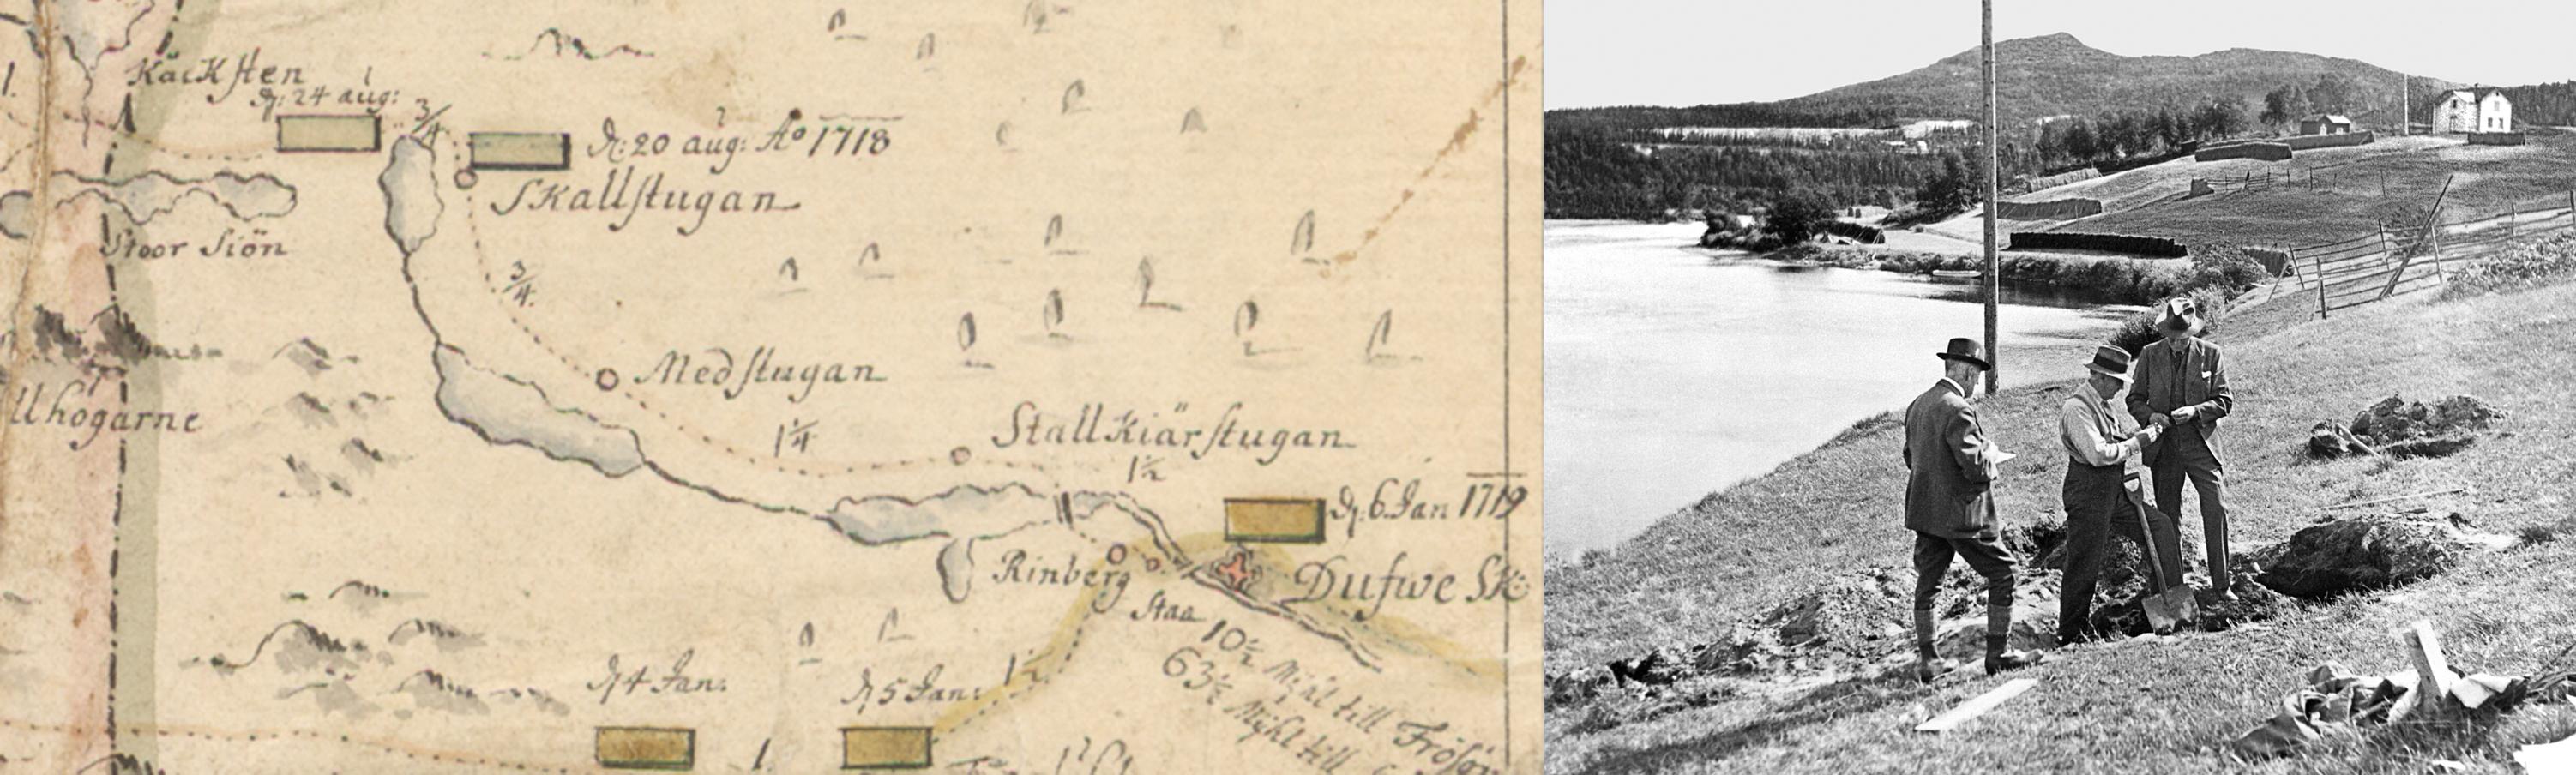 Härens väg förbi Skalstugan, samt utgrävning av massgrav